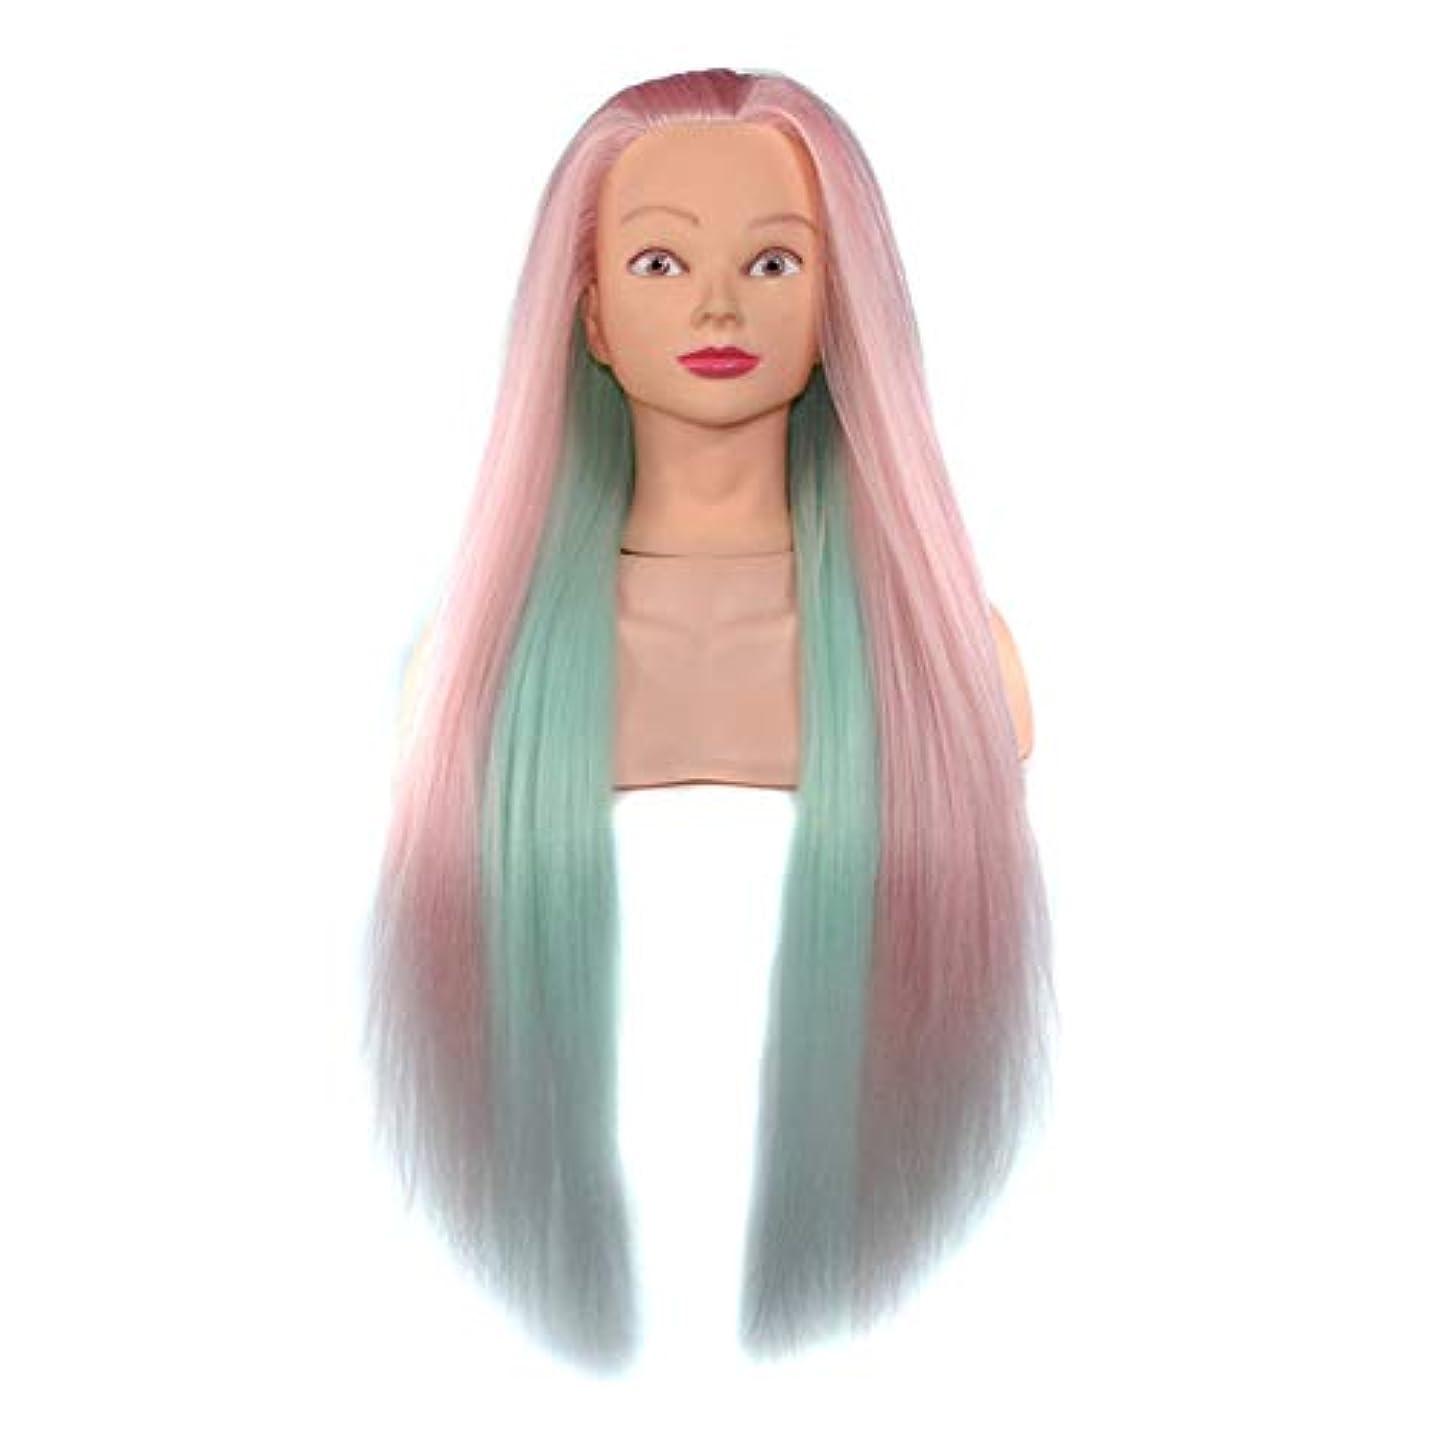 思慮のない書誌セットアップヘアスタイリング練習ディスクヘア学習ヘッドモデル美容院高温ワイヤートレーニングヘッドマネキン人形ヘッド